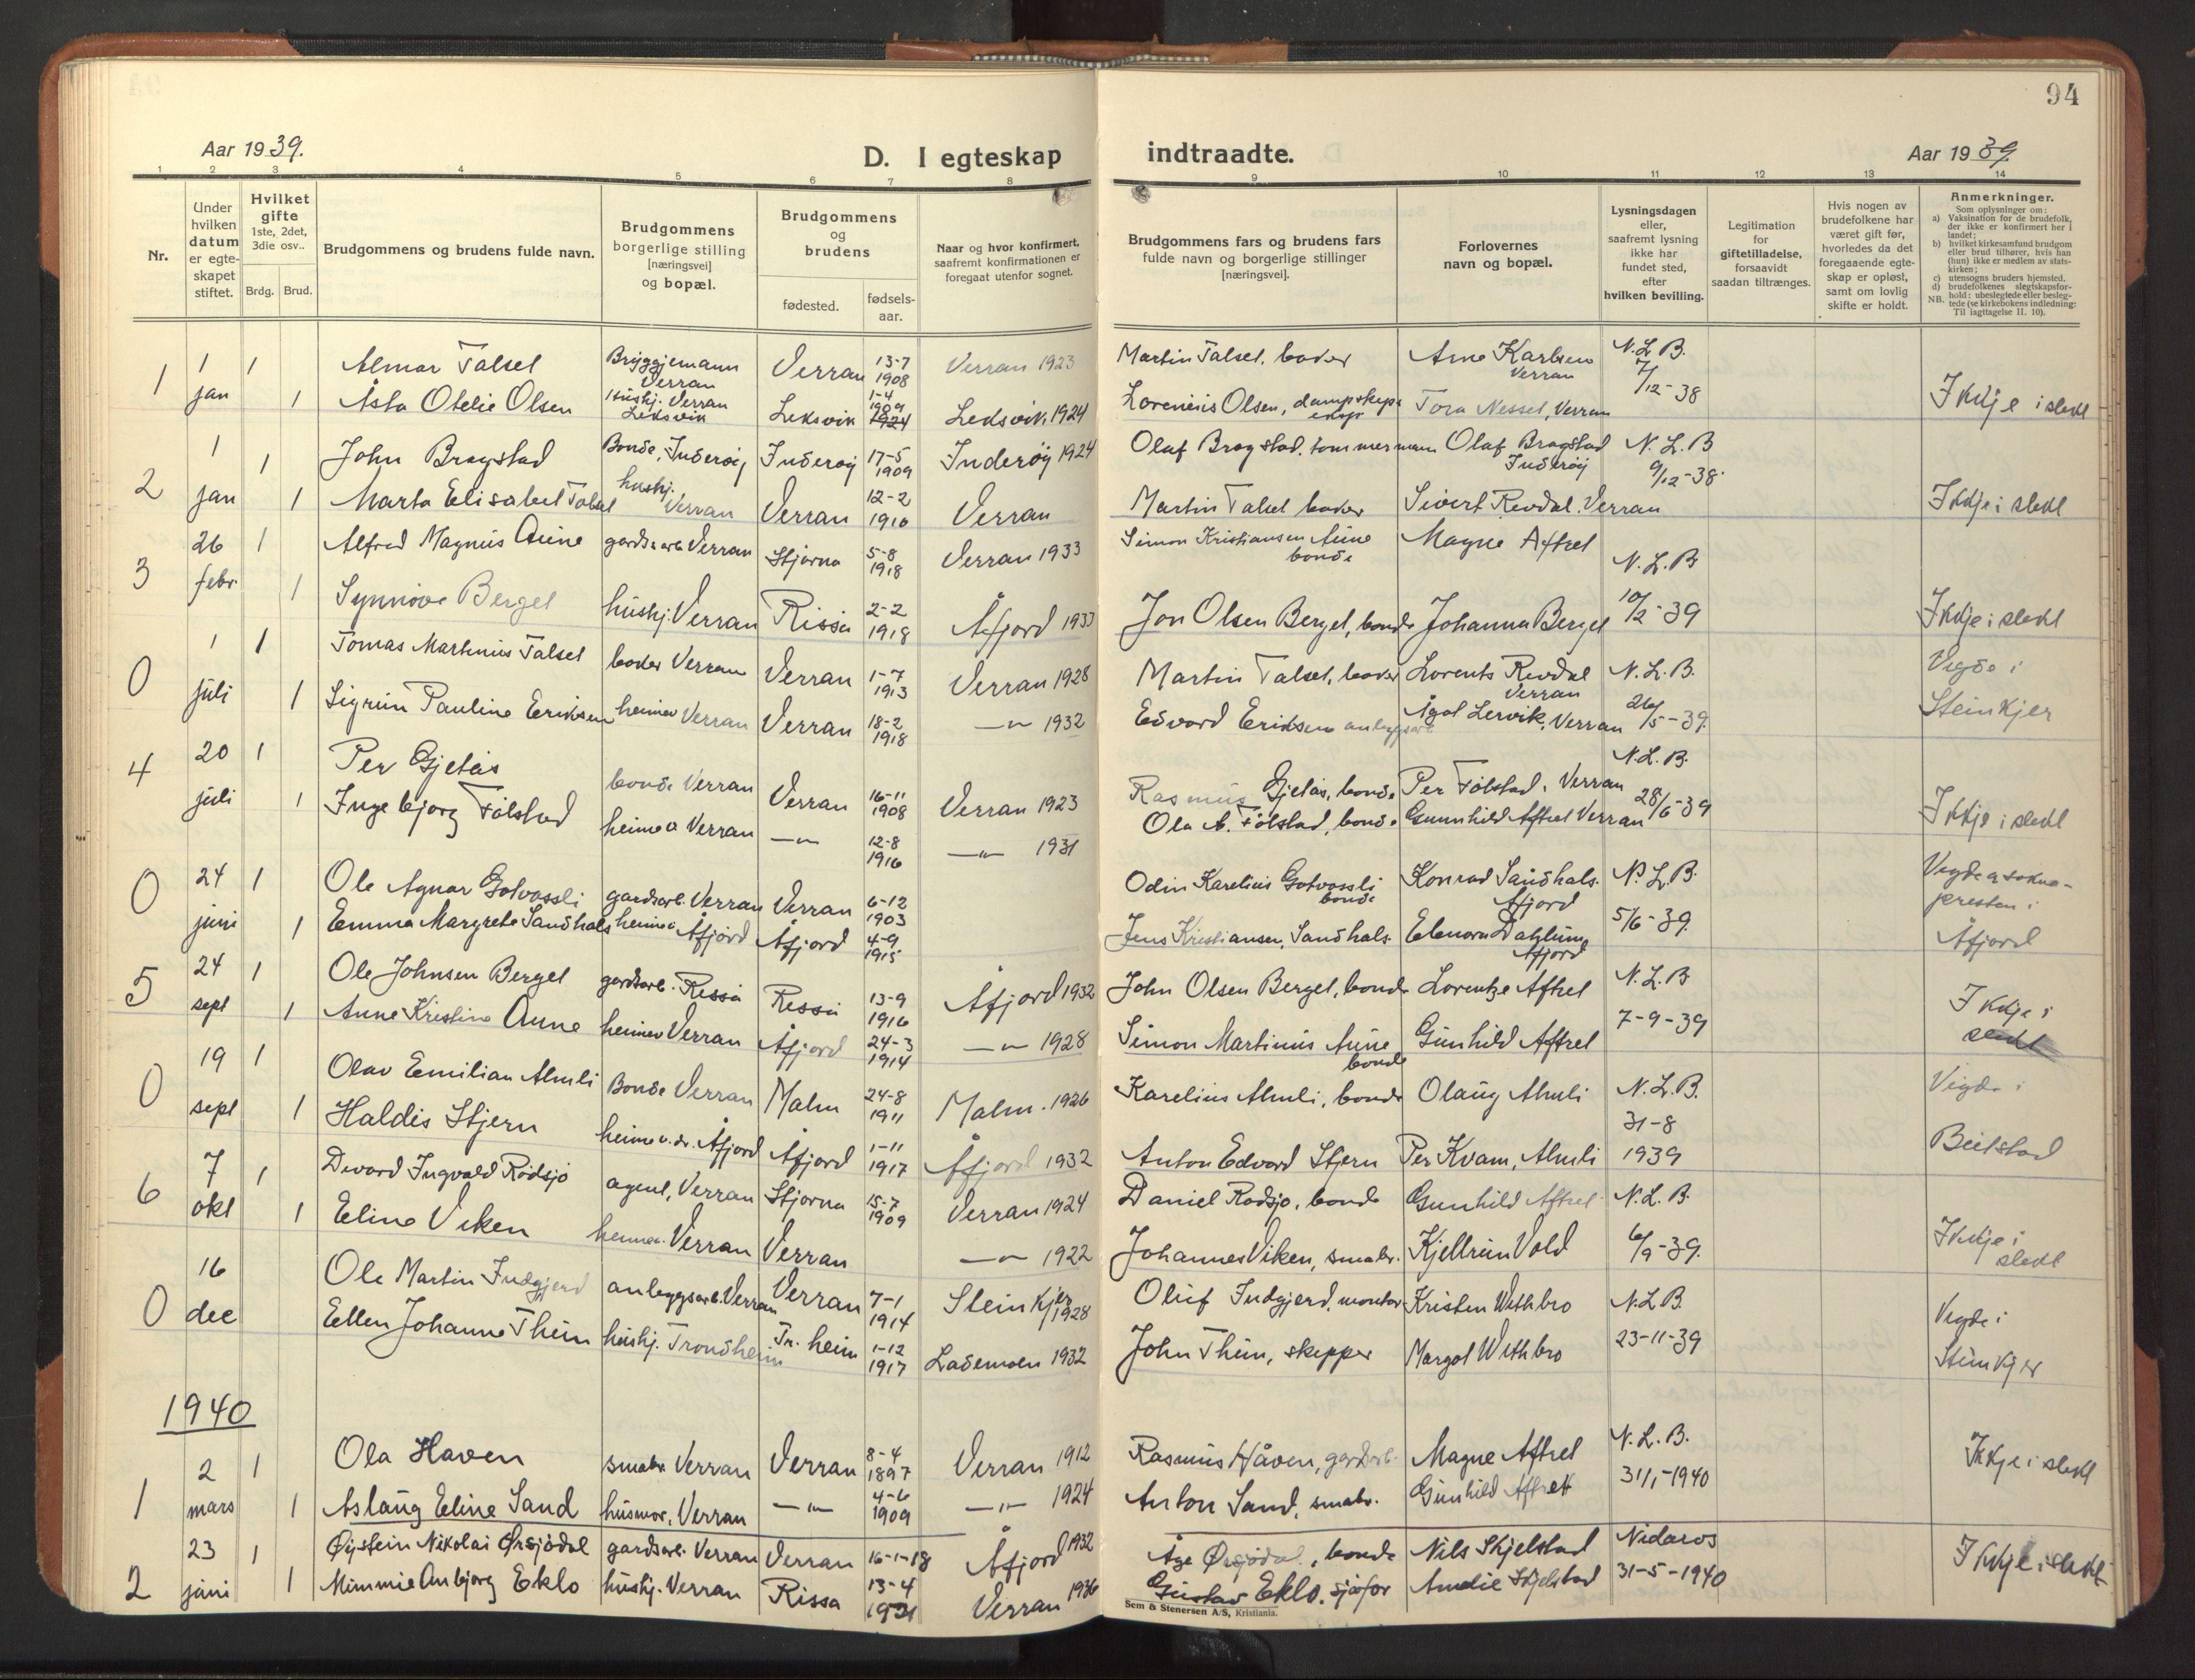 SAT, Ministerialprotokoller, klokkerbøker og fødselsregistre - Nord-Trøndelag, 744/L0425: Klokkerbok nr. 744C04, 1924-1947, s. 94